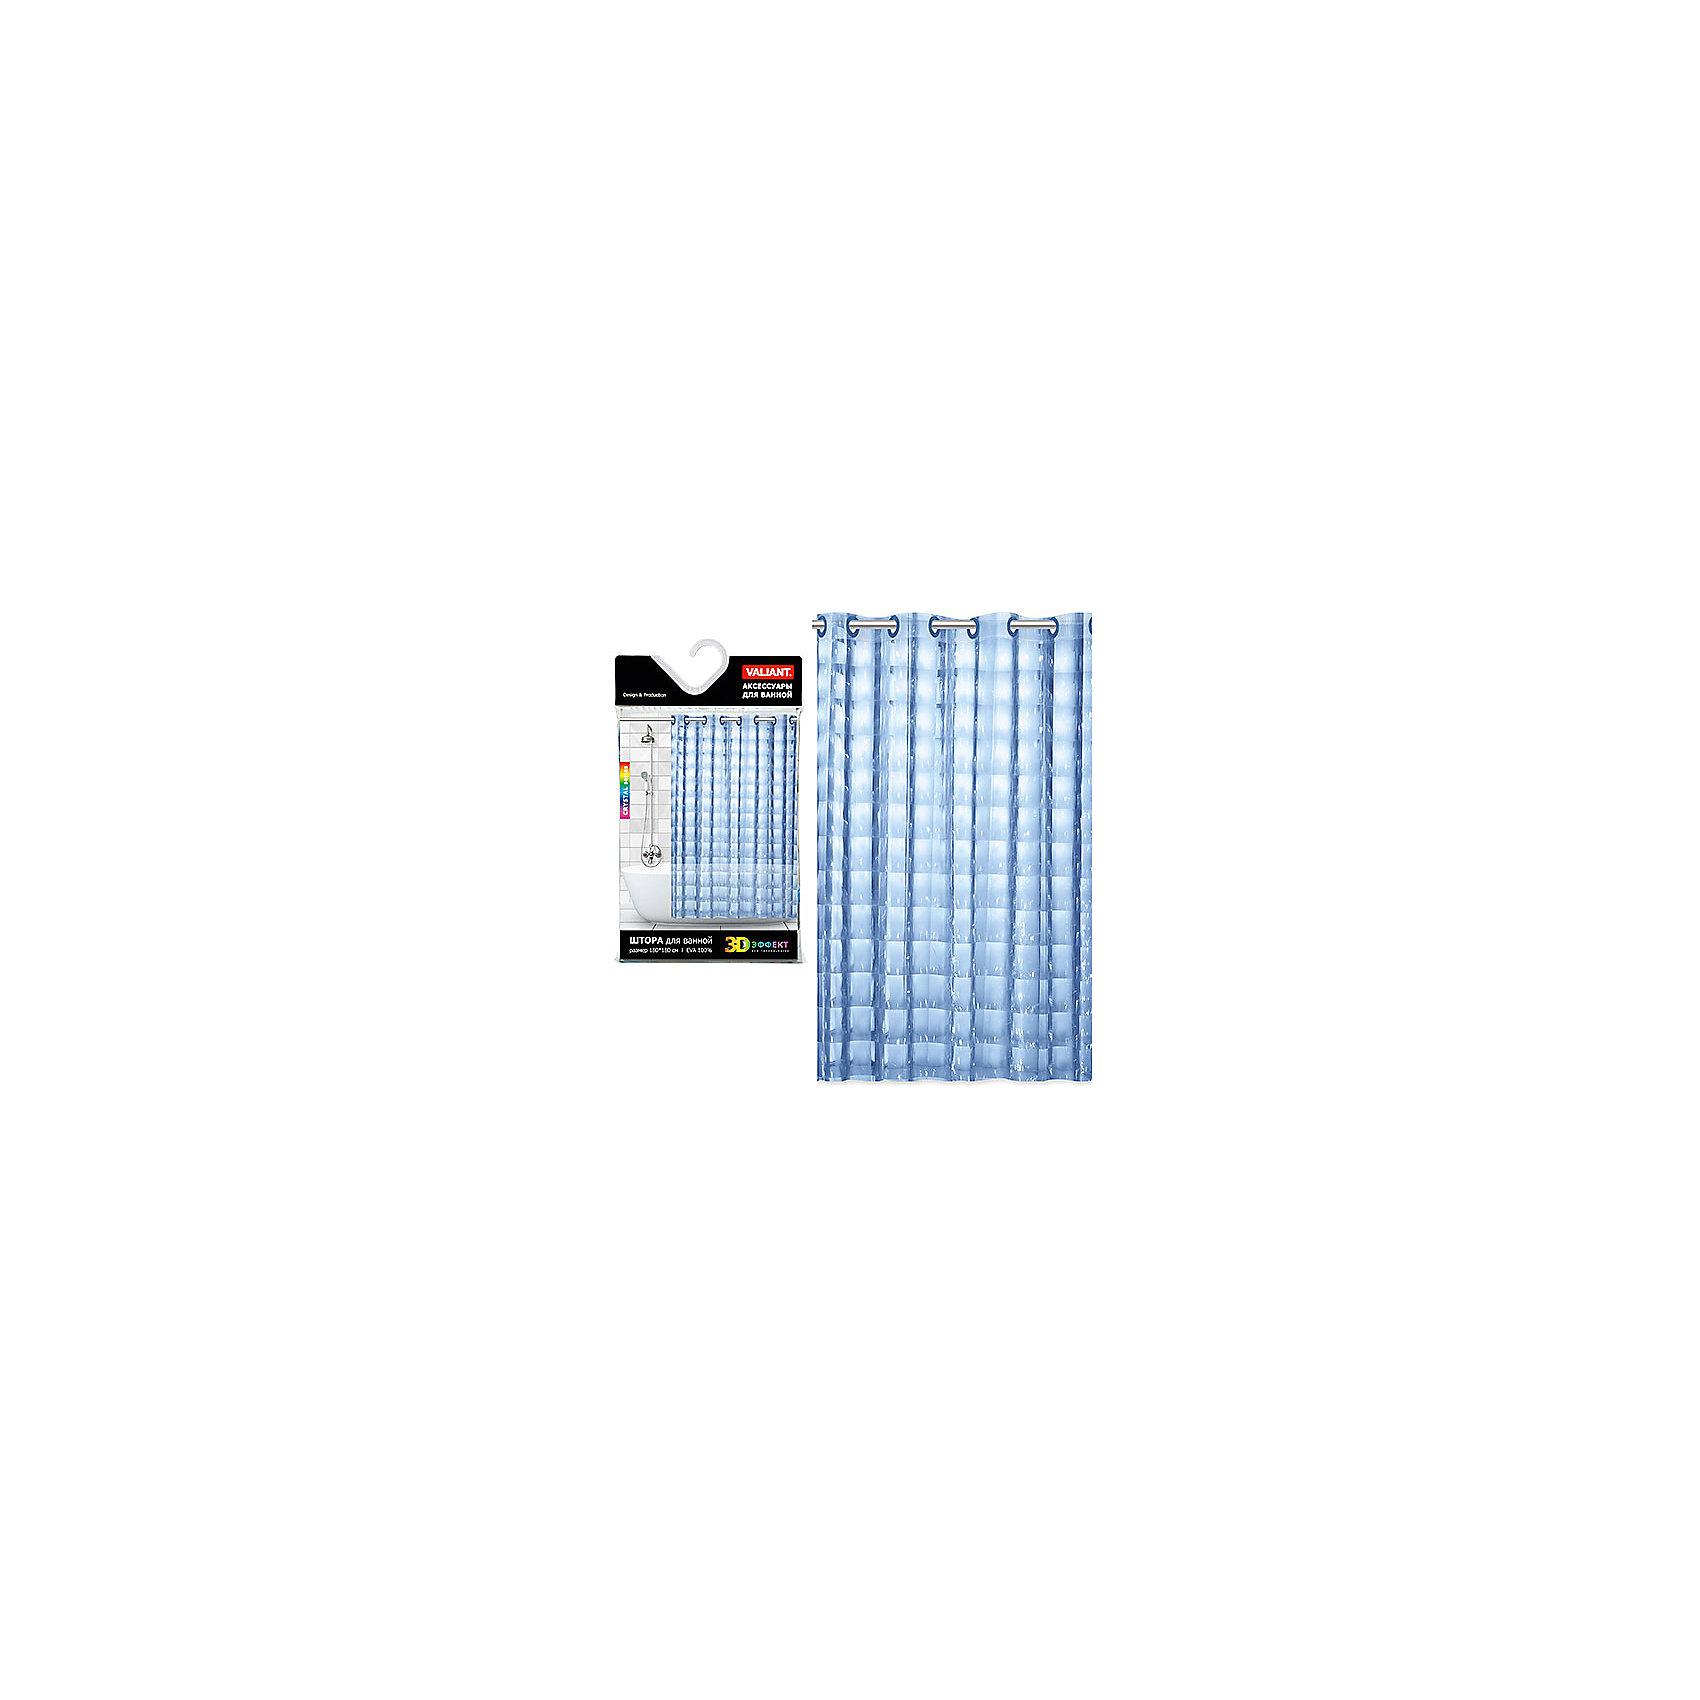 Штора для ванной, EVA, 180*180 см, CUBE MIRROR, ValiantВанная комната<br>Штора для ванной, EVA, 180*180 см, CUBE MIRROR, Valiant (Валиант) - эта уникальная полупрозрачная штора украсит интерьер ванной комнаты.<br>Мульти-зеркальная штора CUBE MIRROR от Valiant (Валиант) с завораживающим кристаллическим эффектом (3D-эффектом) способна преобразить и раздвинуть пространство ванной комнаты. Штора легко крепится на специальных раздвижных люверсах. Высококачественный полимерный материал обладает повышенными водоотталкивающими свойствами, устойчив к воздействию, света и влаги, приятен на ощупь.<br><br>Дополнительная информация:<br><br>- Размер: 180х180 см.<br>- Материал: EVA<br>- 10 больших люверсов<br>- Водоотталкивающие свойства: 100%<br>- Рекомендации по уходу: для удаления мыльного налёта просто протрите штору мягкой влажной губкой. Для чистки сильных загрязнений применяйте мягкие моющие средства. Не рекомендуется использовать растворяющие моющие средства<br><br>Штору для ванной, EVA, 180*180 см, CUBE MIRROR, Valiant (Валиант) можно купить в нашем интернет-магазине.<br><br>Ширина мм: 200<br>Глубина мм: 30<br>Высота мм: 350<br>Вес г: 579<br>Возраст от месяцев: 36<br>Возраст до месяцев: 216<br>Пол: Унисекс<br>Возраст: Детский<br>SKU: 4993395